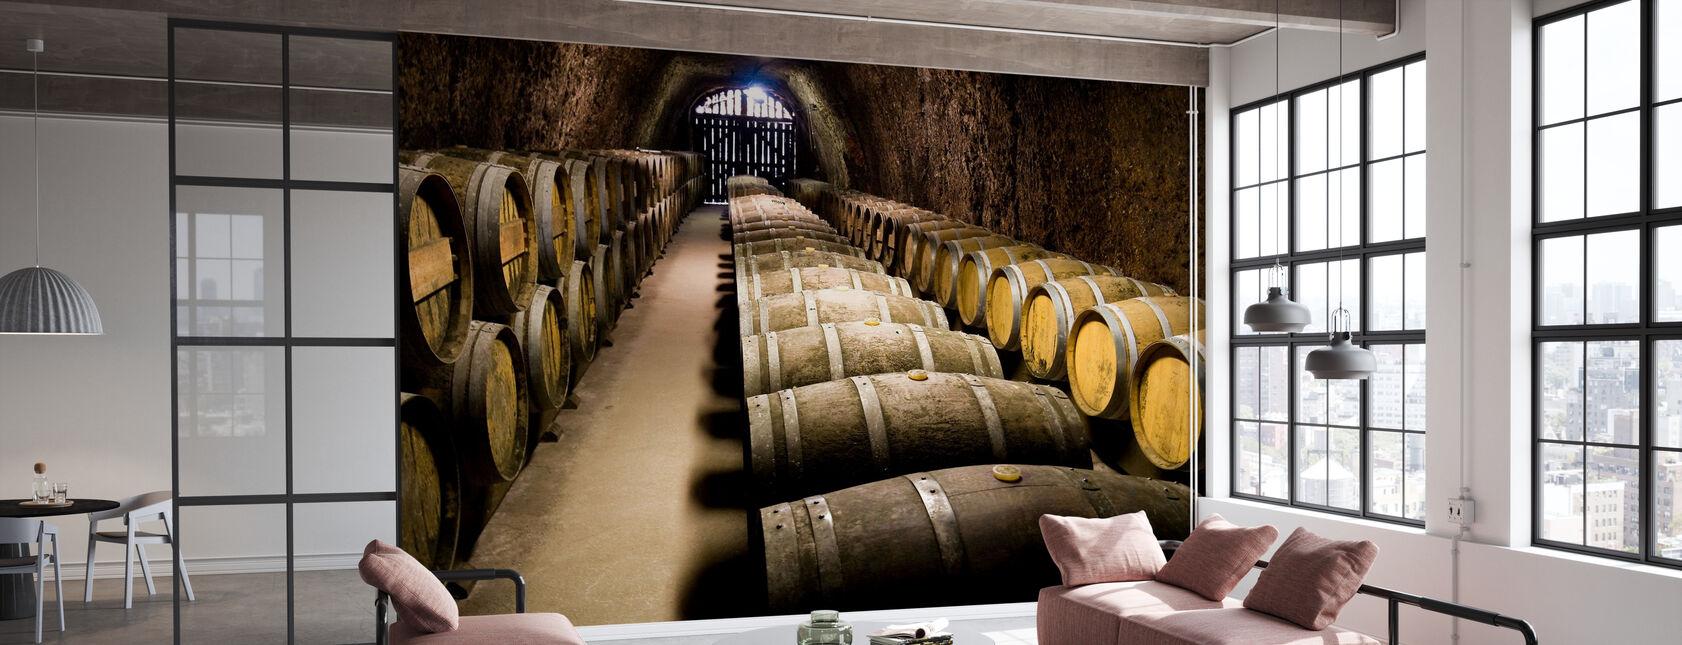 Barrels in Storage - Wallpaper - Office